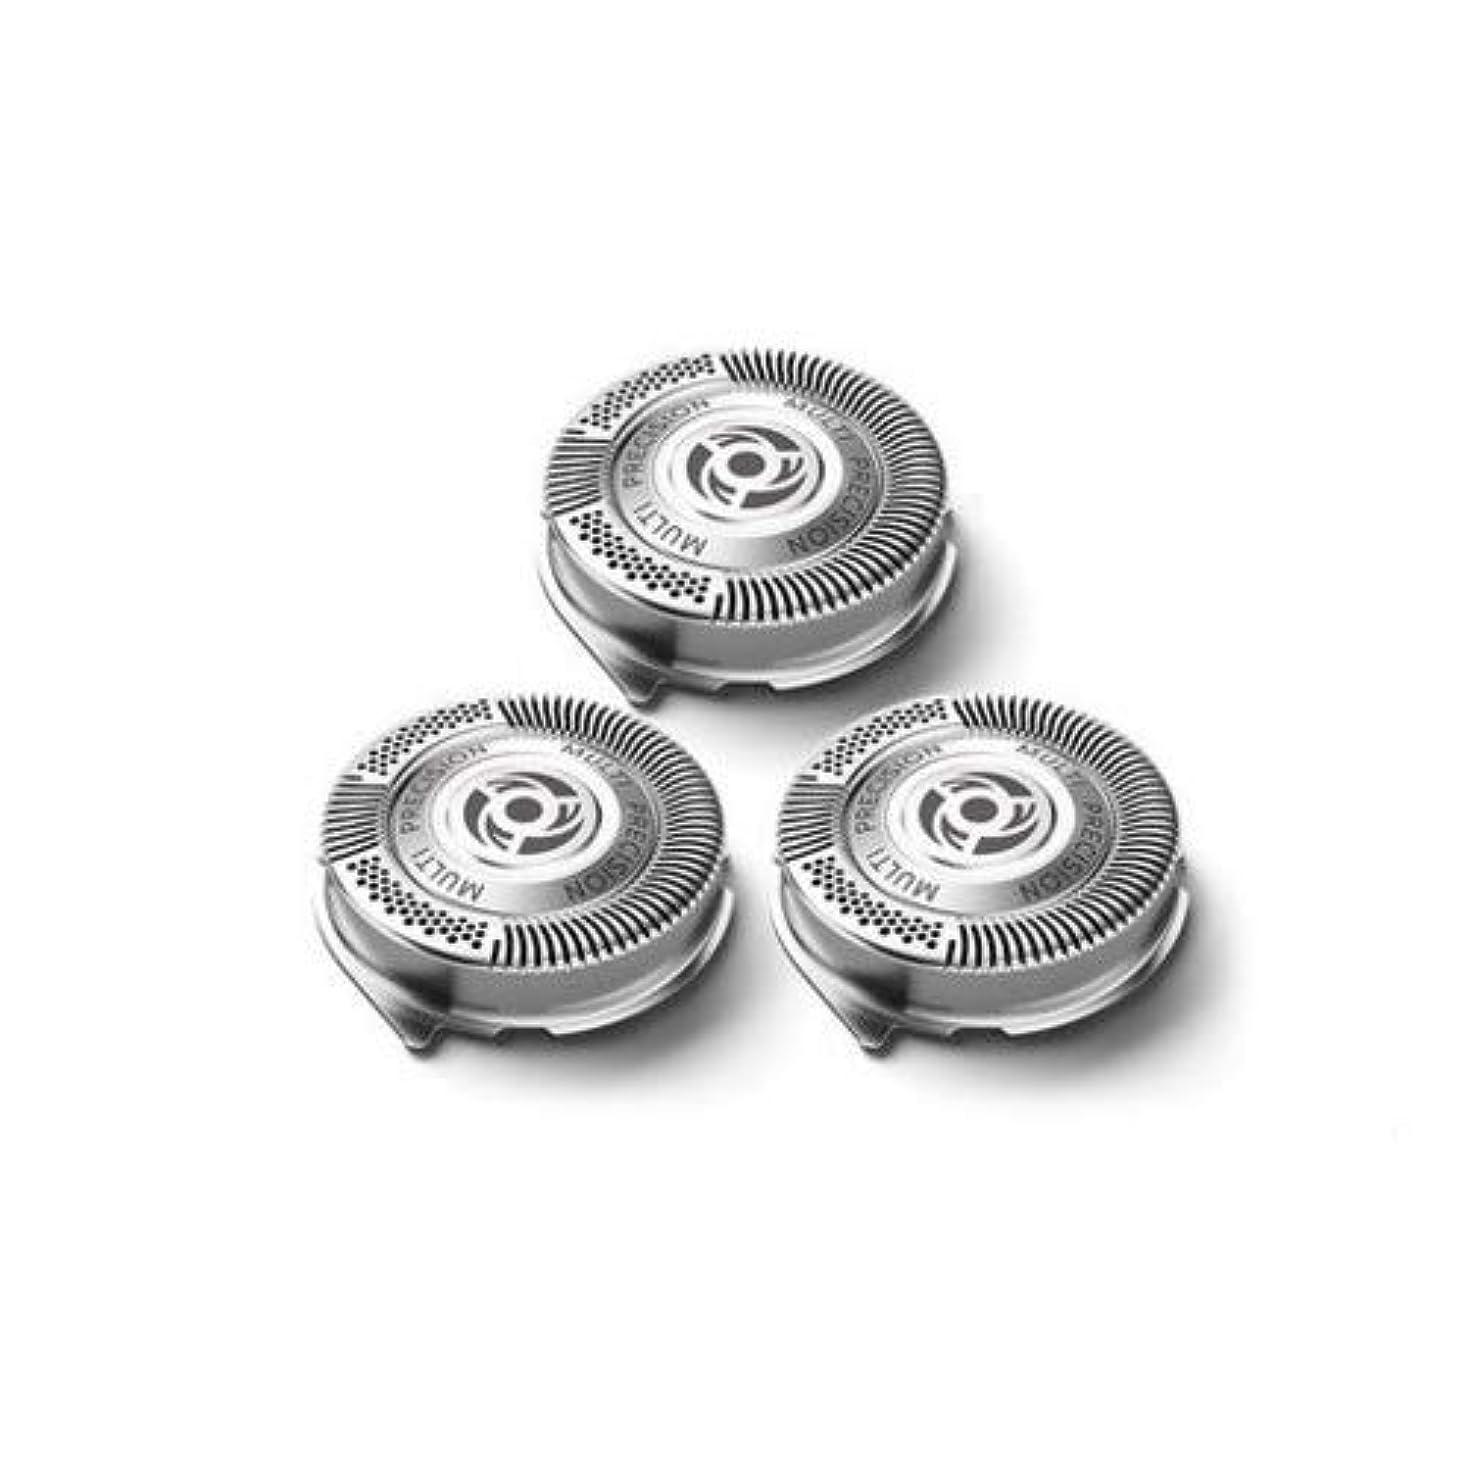 式農夫ラップトップシェーバーカミソリヘッド交換 替え刃 に適用するPhilips SH50 DualPrecisionヘッド(3個)